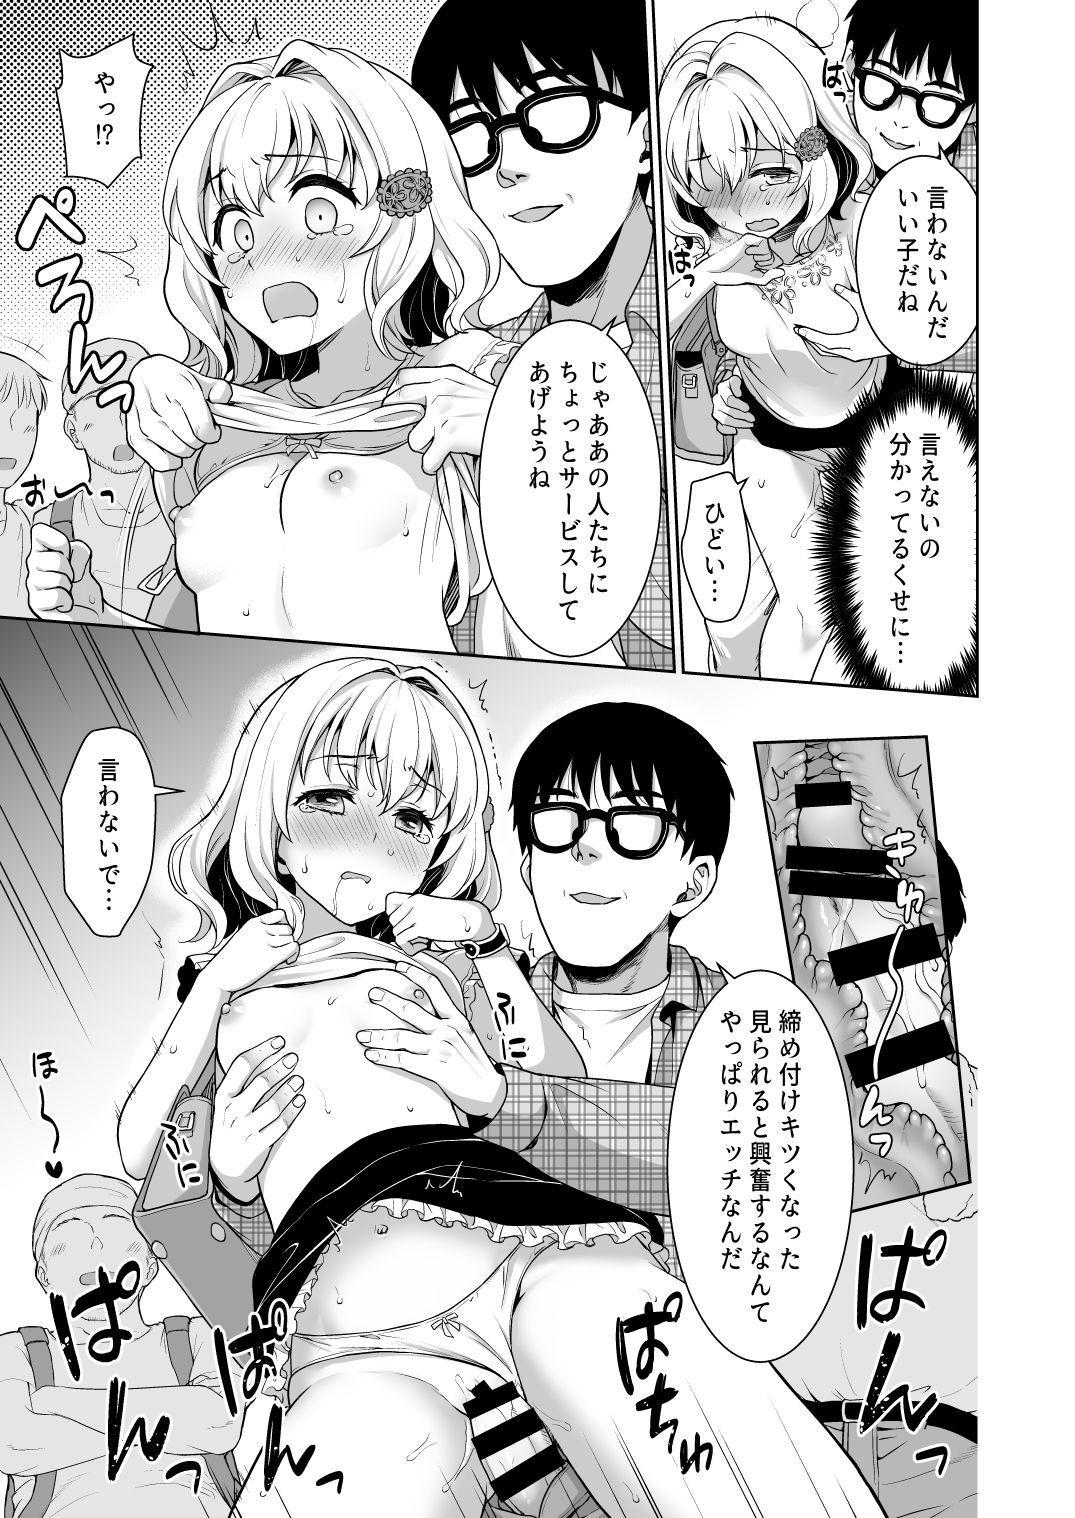 Sokubaikai no Retsu de... 18